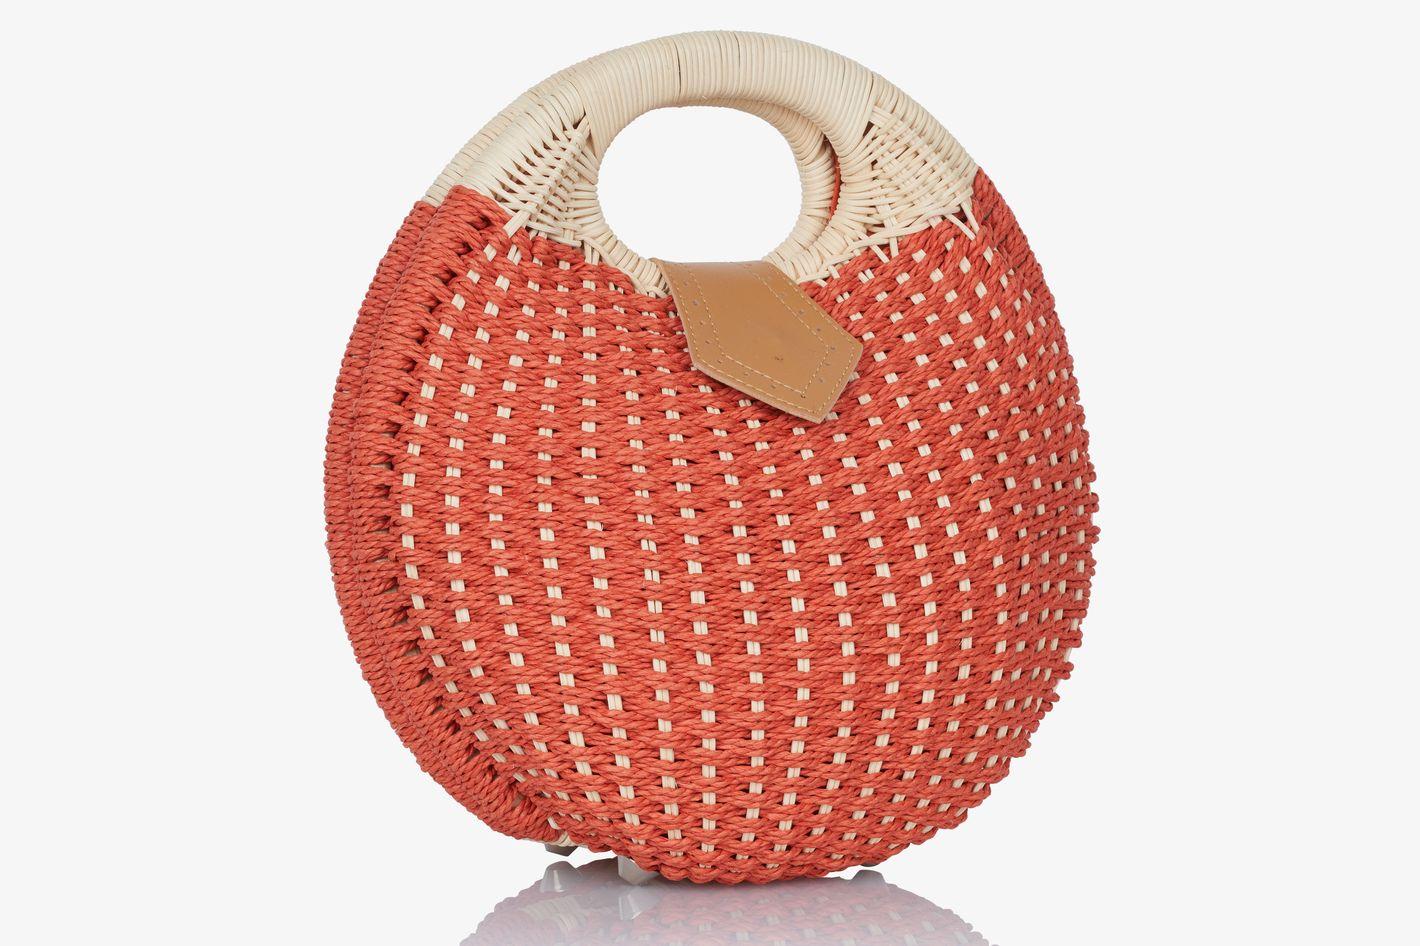 Wicker Bubble Bag